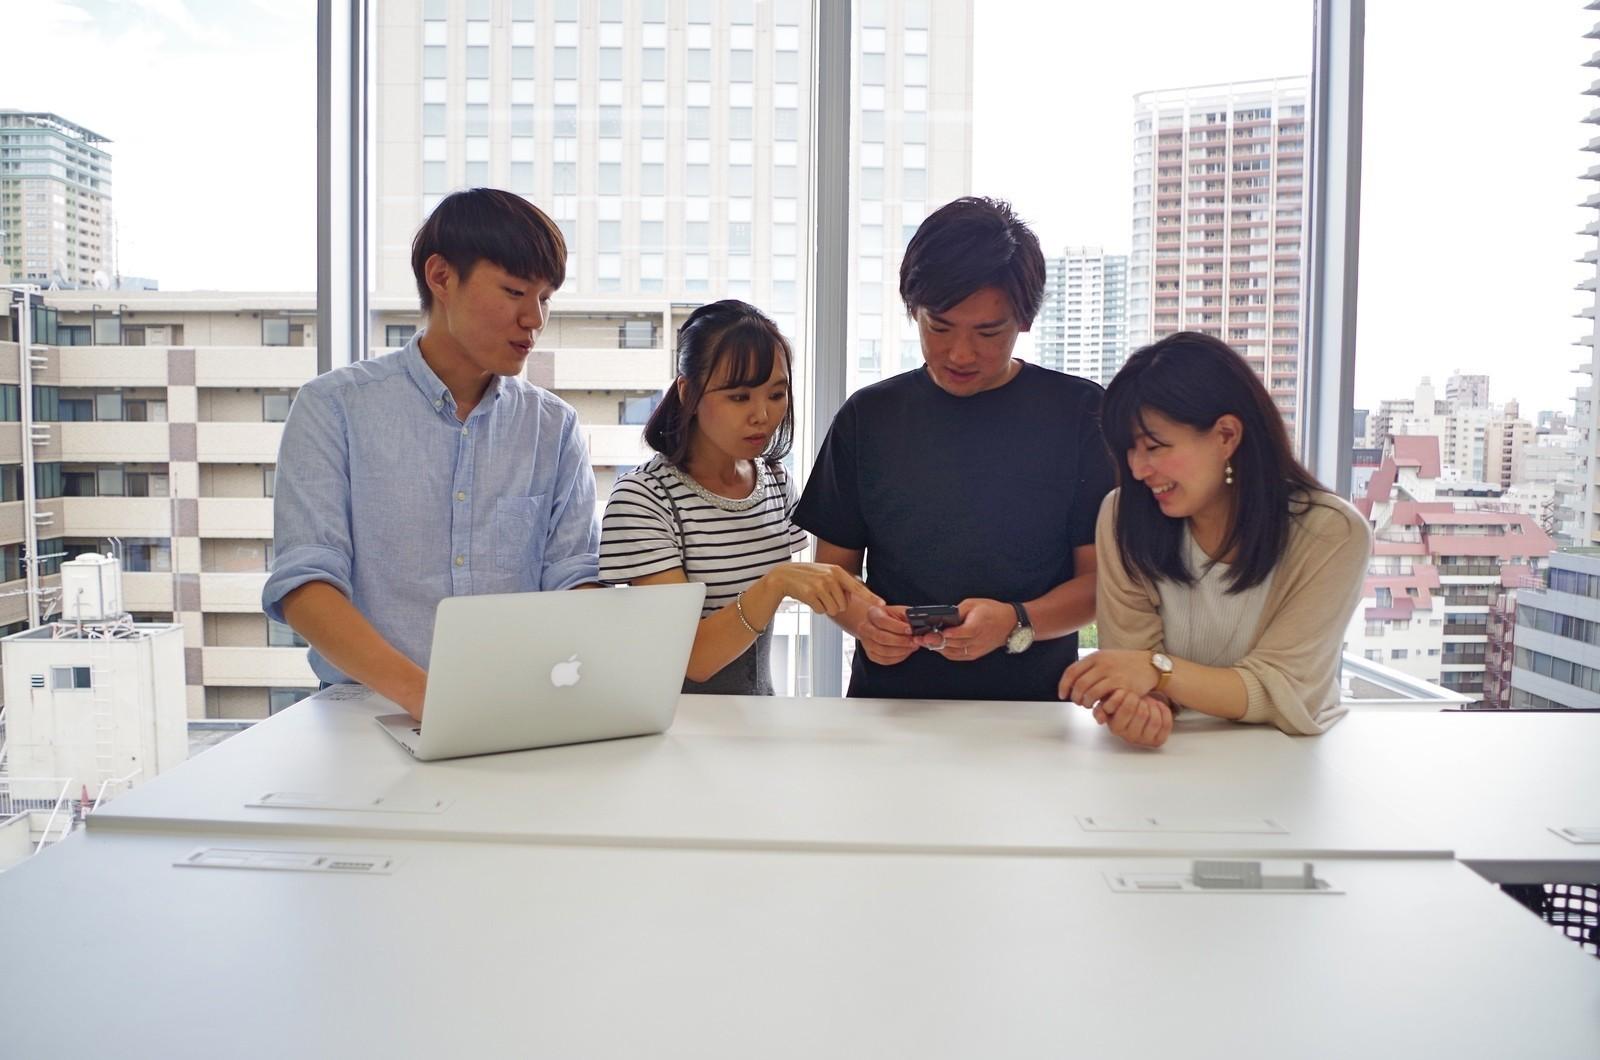 【アプリケーションエンジニア(アプリ/ゲーム/新規事業)】充実の福利厚生!残業10H程度/ 東証一部上場